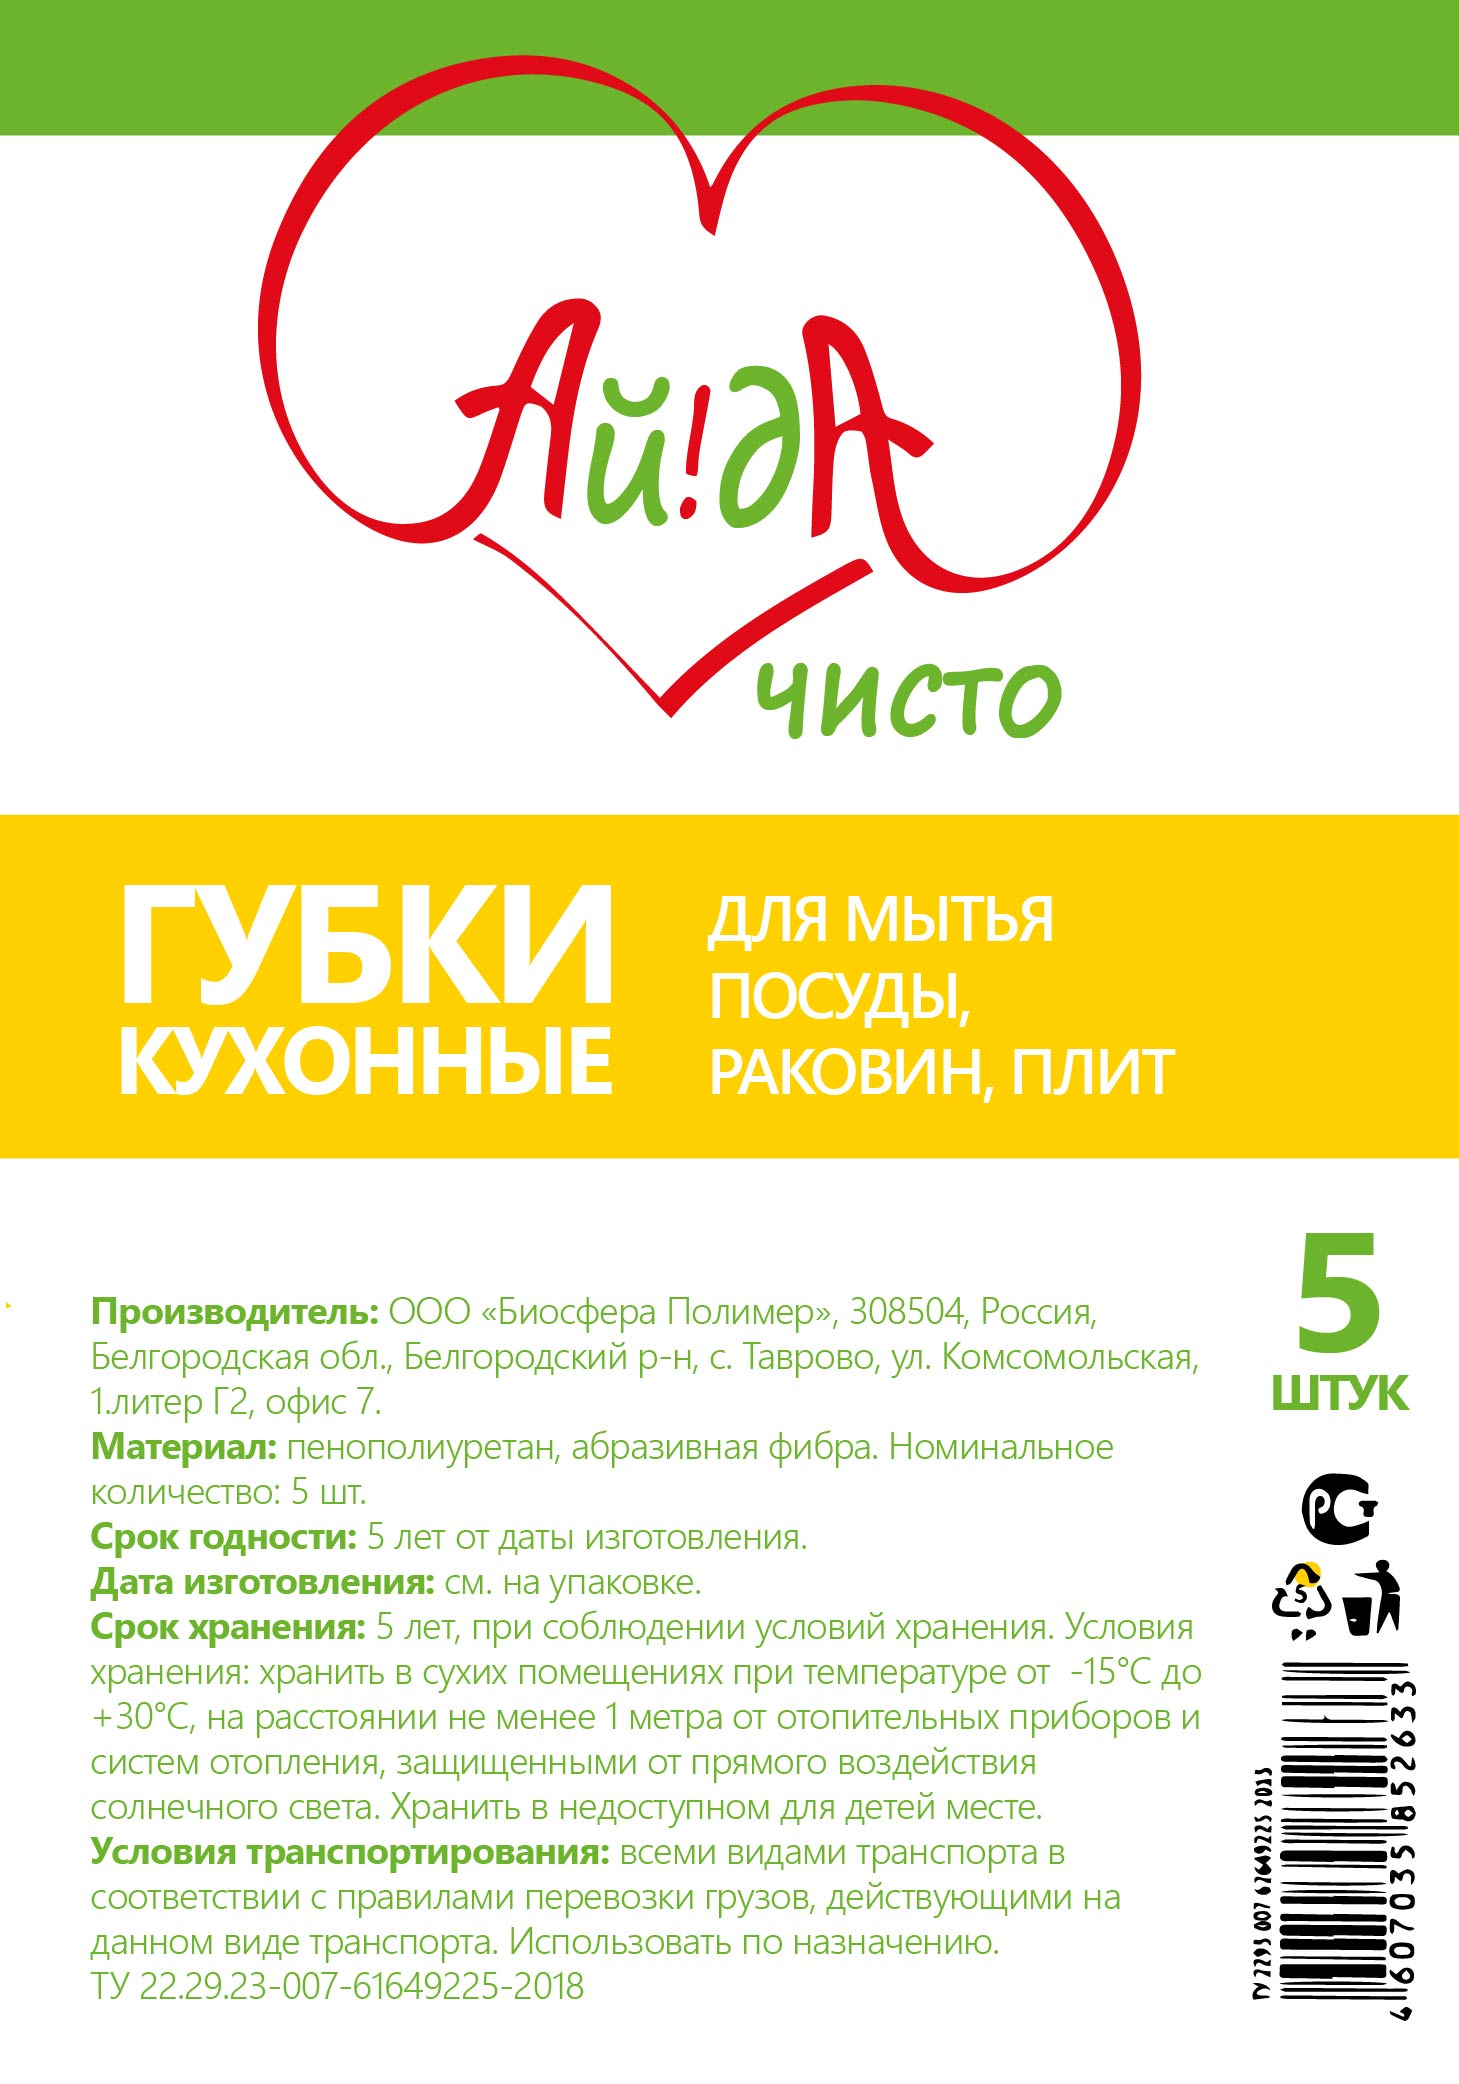 Дизайн логотипа и упаковки СТМ фото f_0835c6196f18a898.jpg